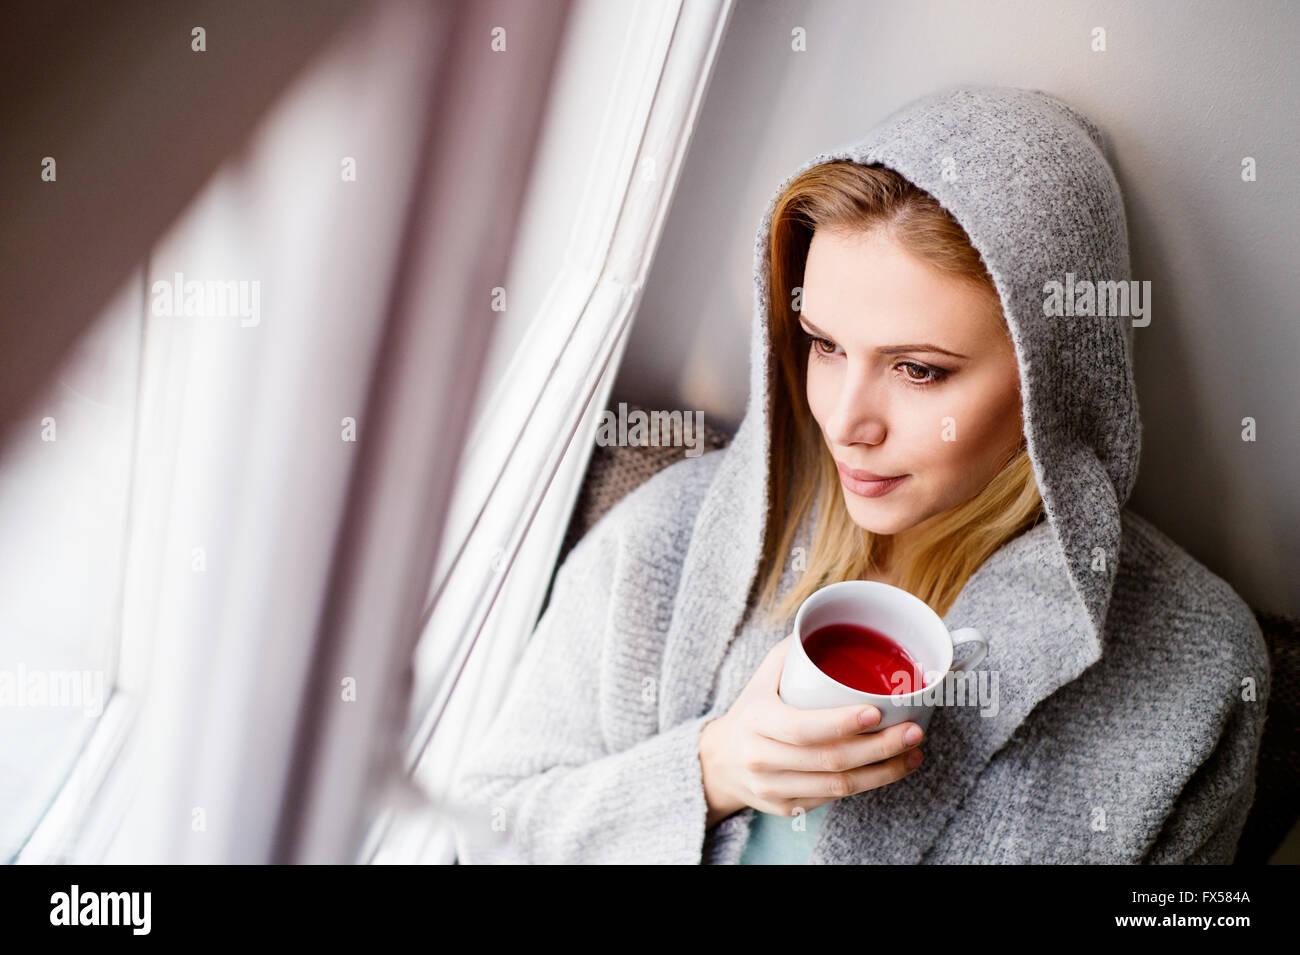 Femme sur appui de fenêtre tenant une tasse de thé Photo Stock